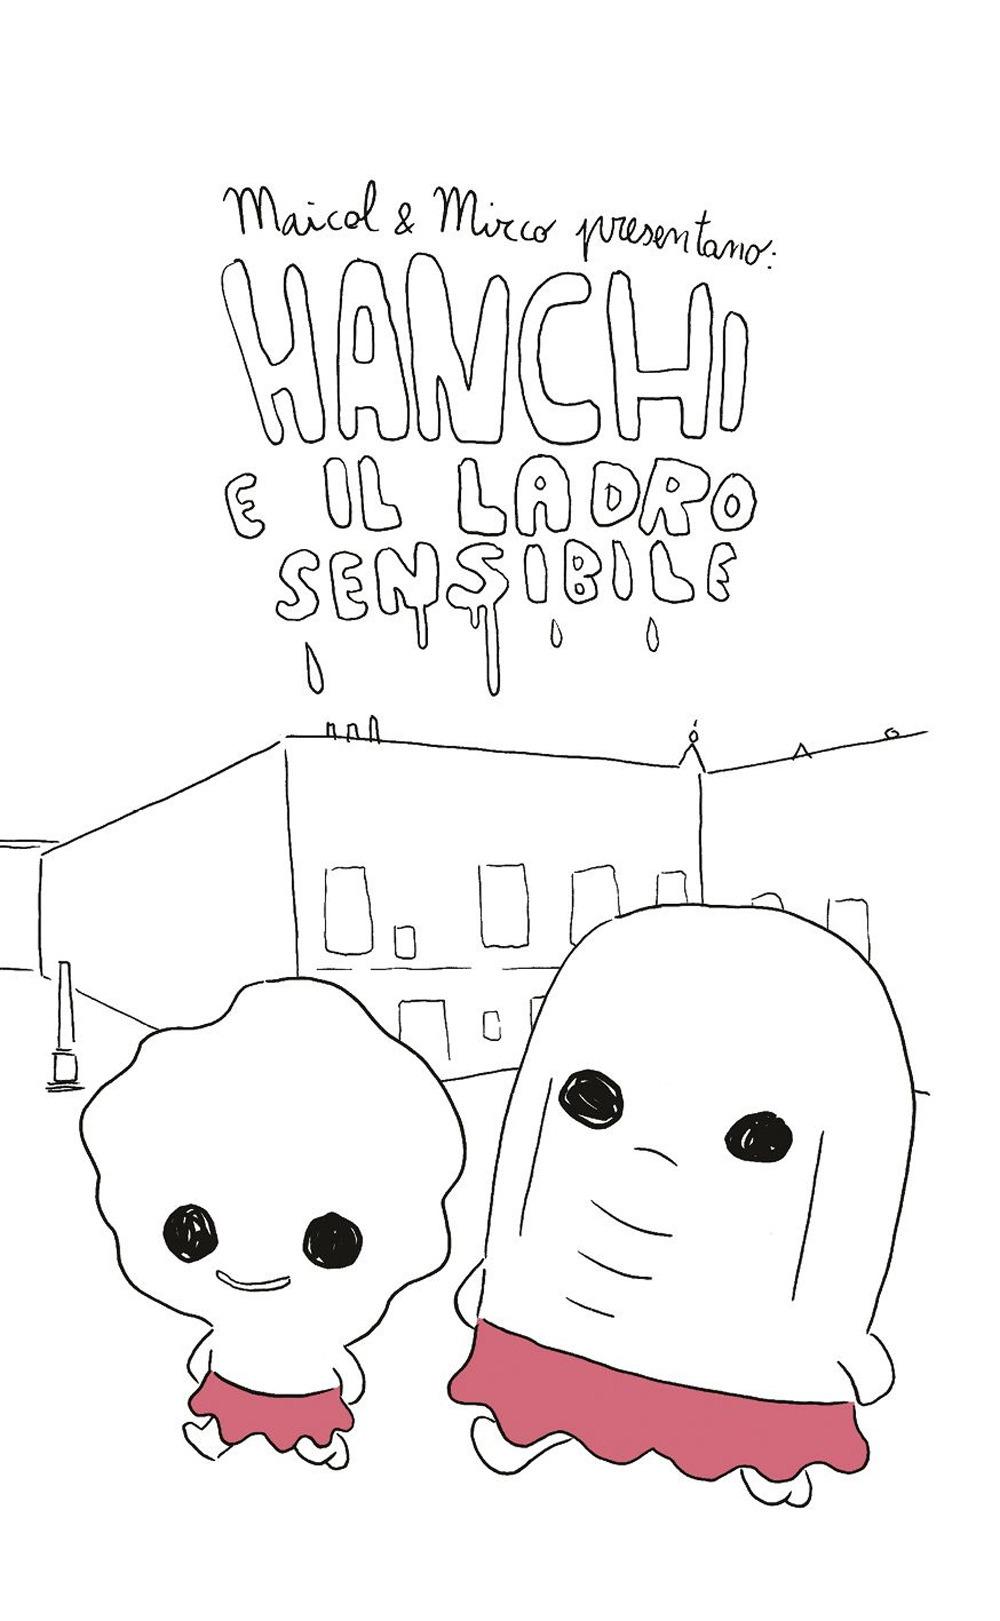 HANCHI E IL LADRO SENSIBILE - Maicol & Mirco - 9788876184758